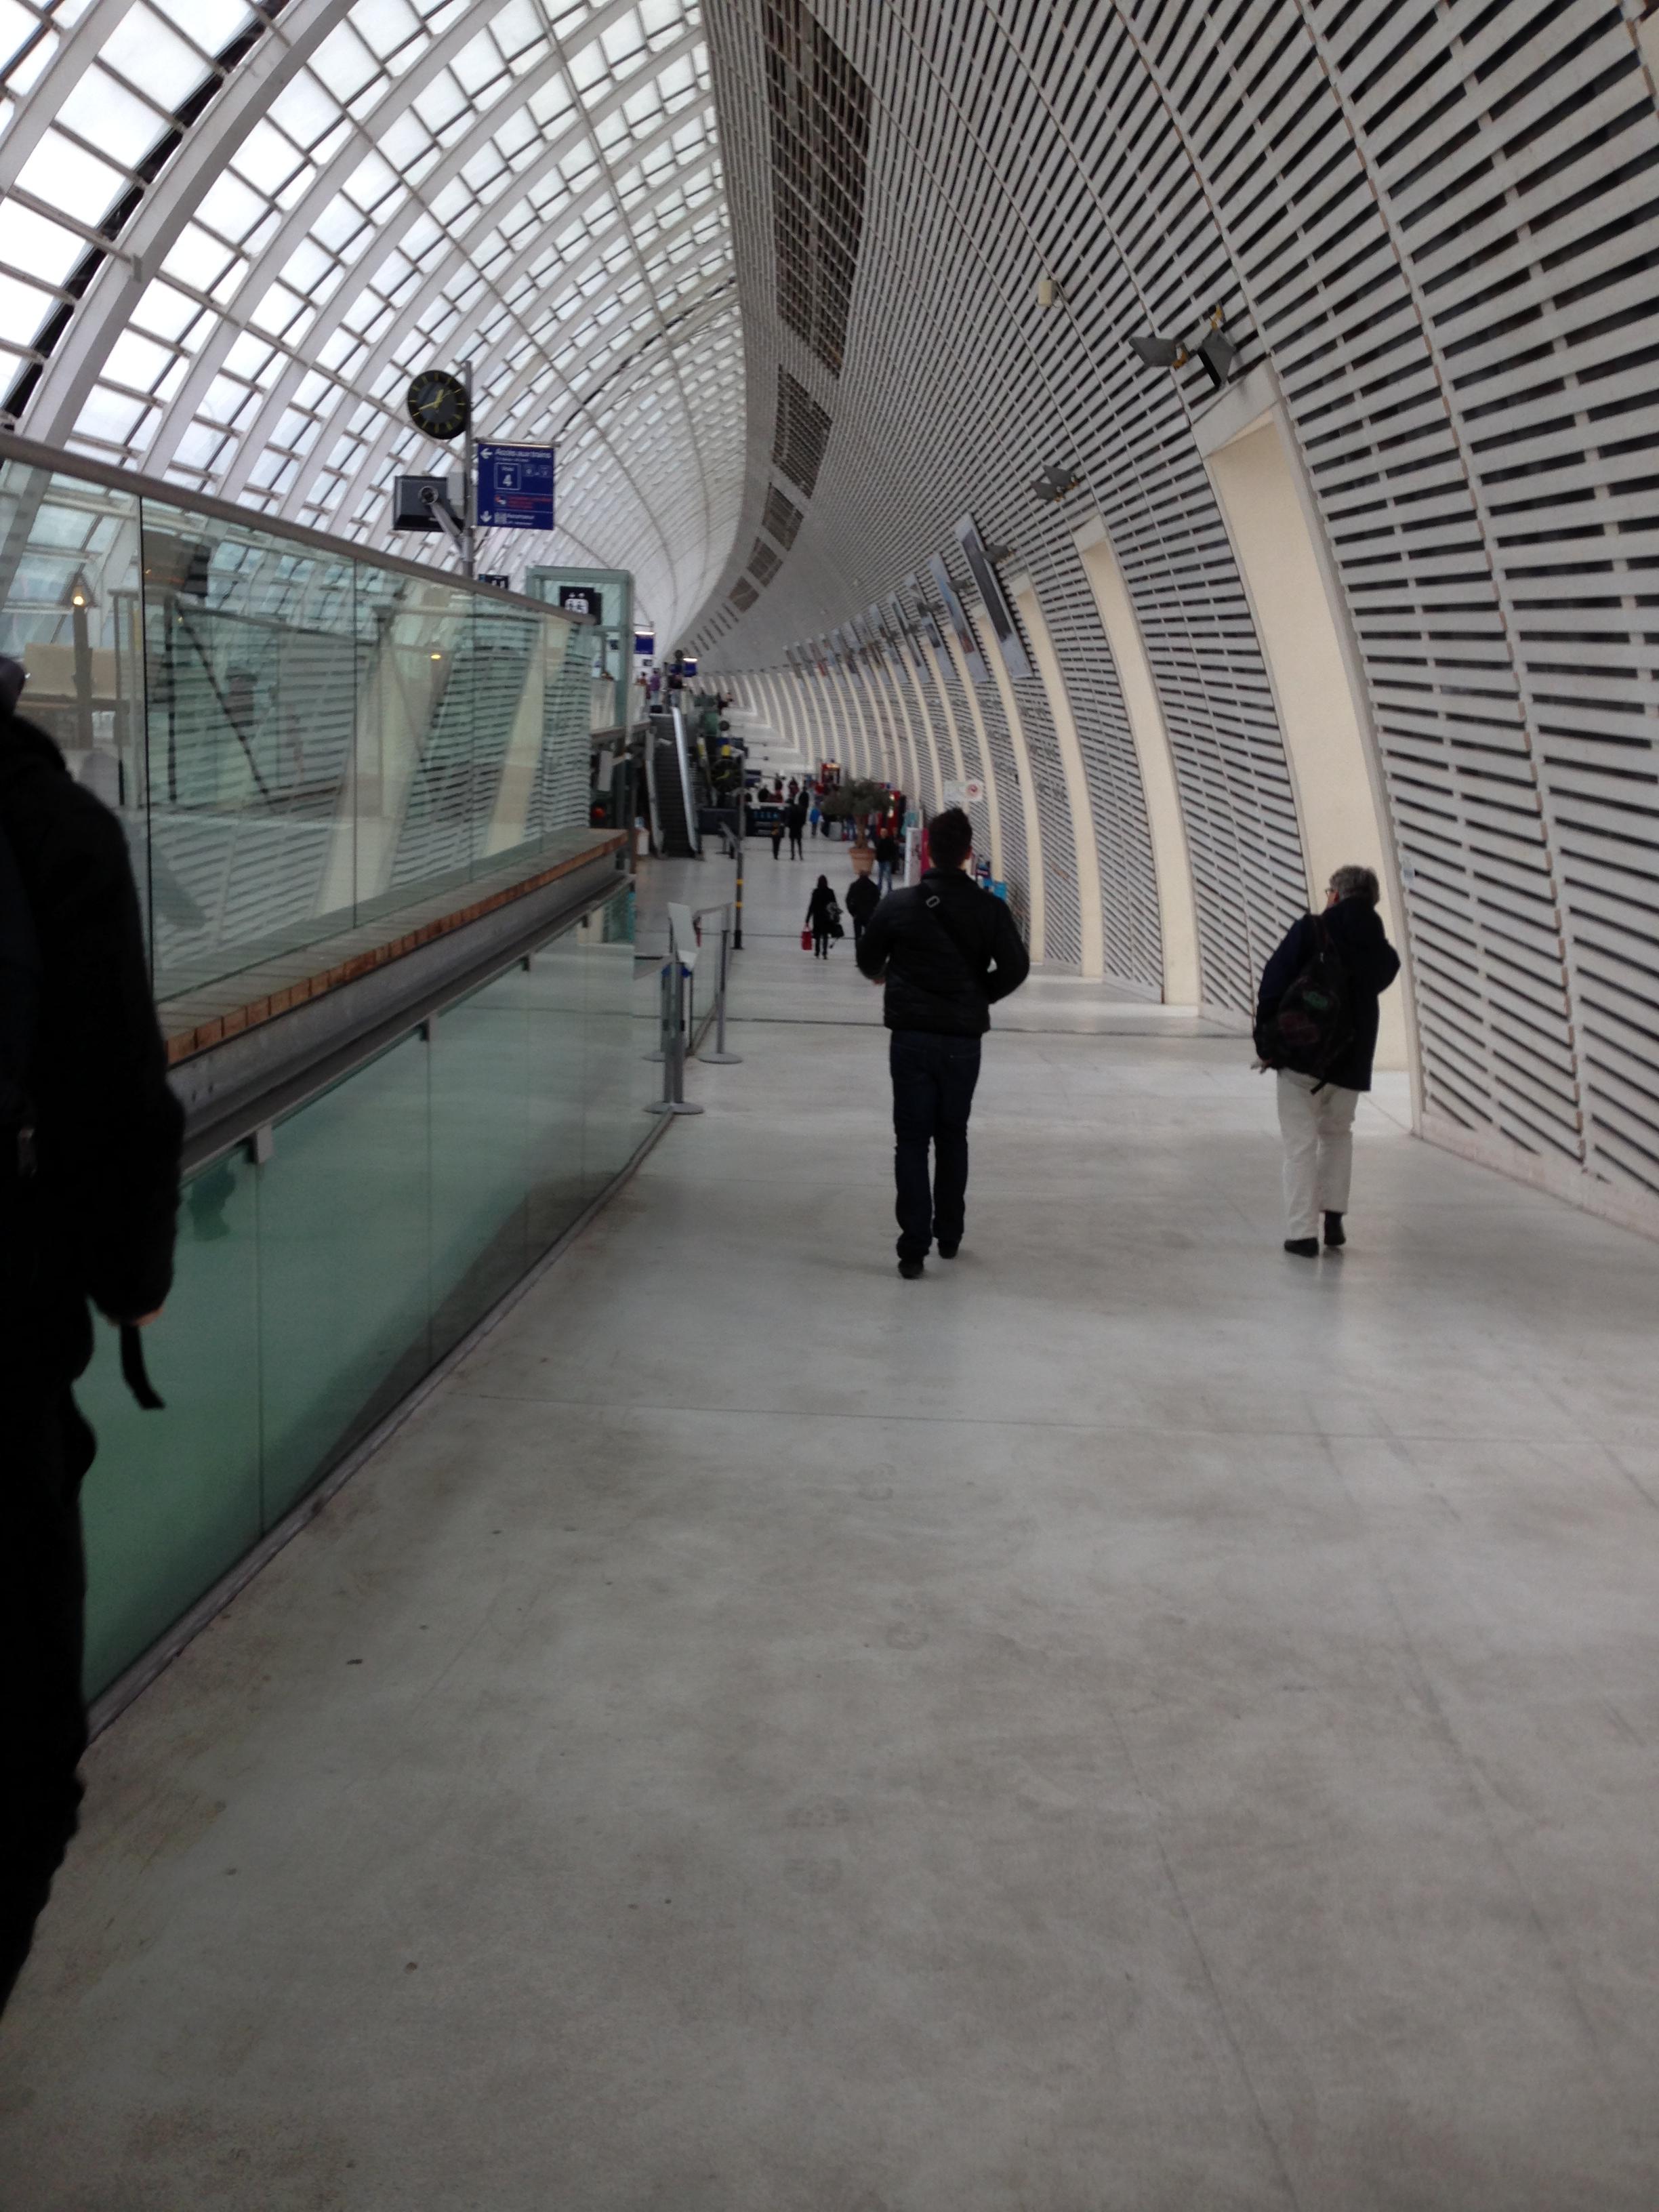 高速列車TGVでニースからアヴィニヨンへ移動。座席を間違えてにらまれたり、親切に道案内してもらったり。